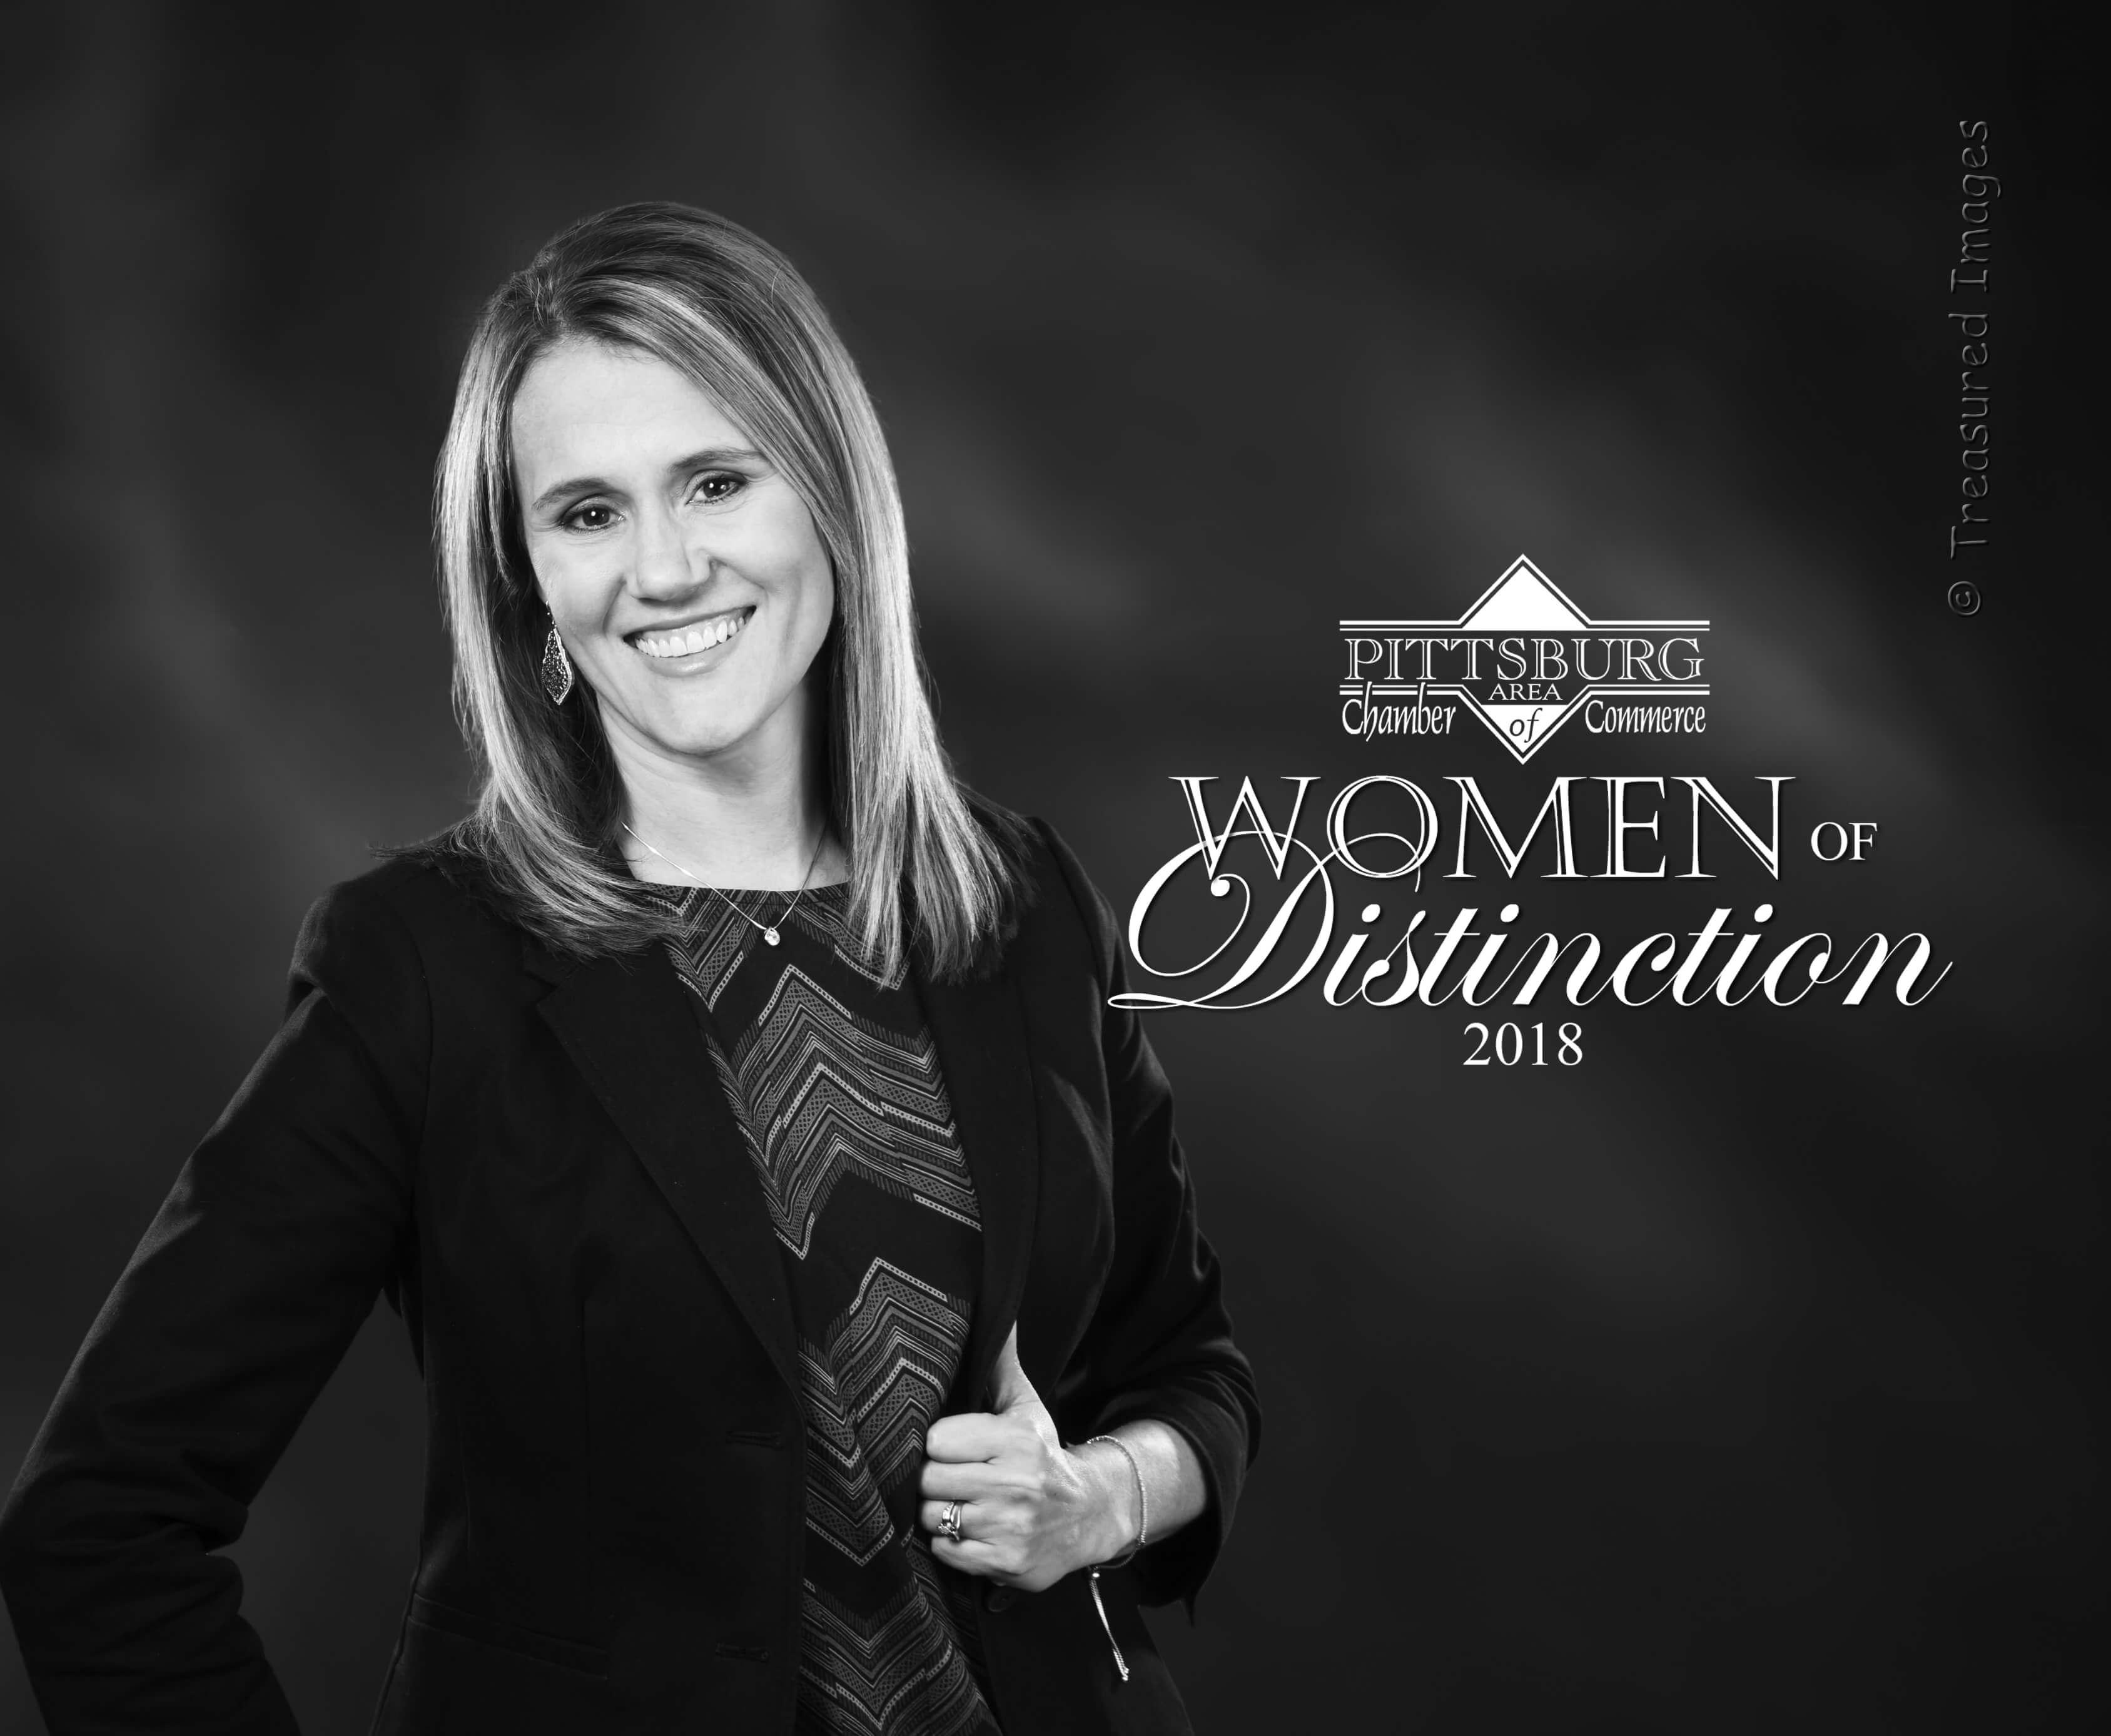 LimeLight Marketing President Awarded 2018 Women of Distinction